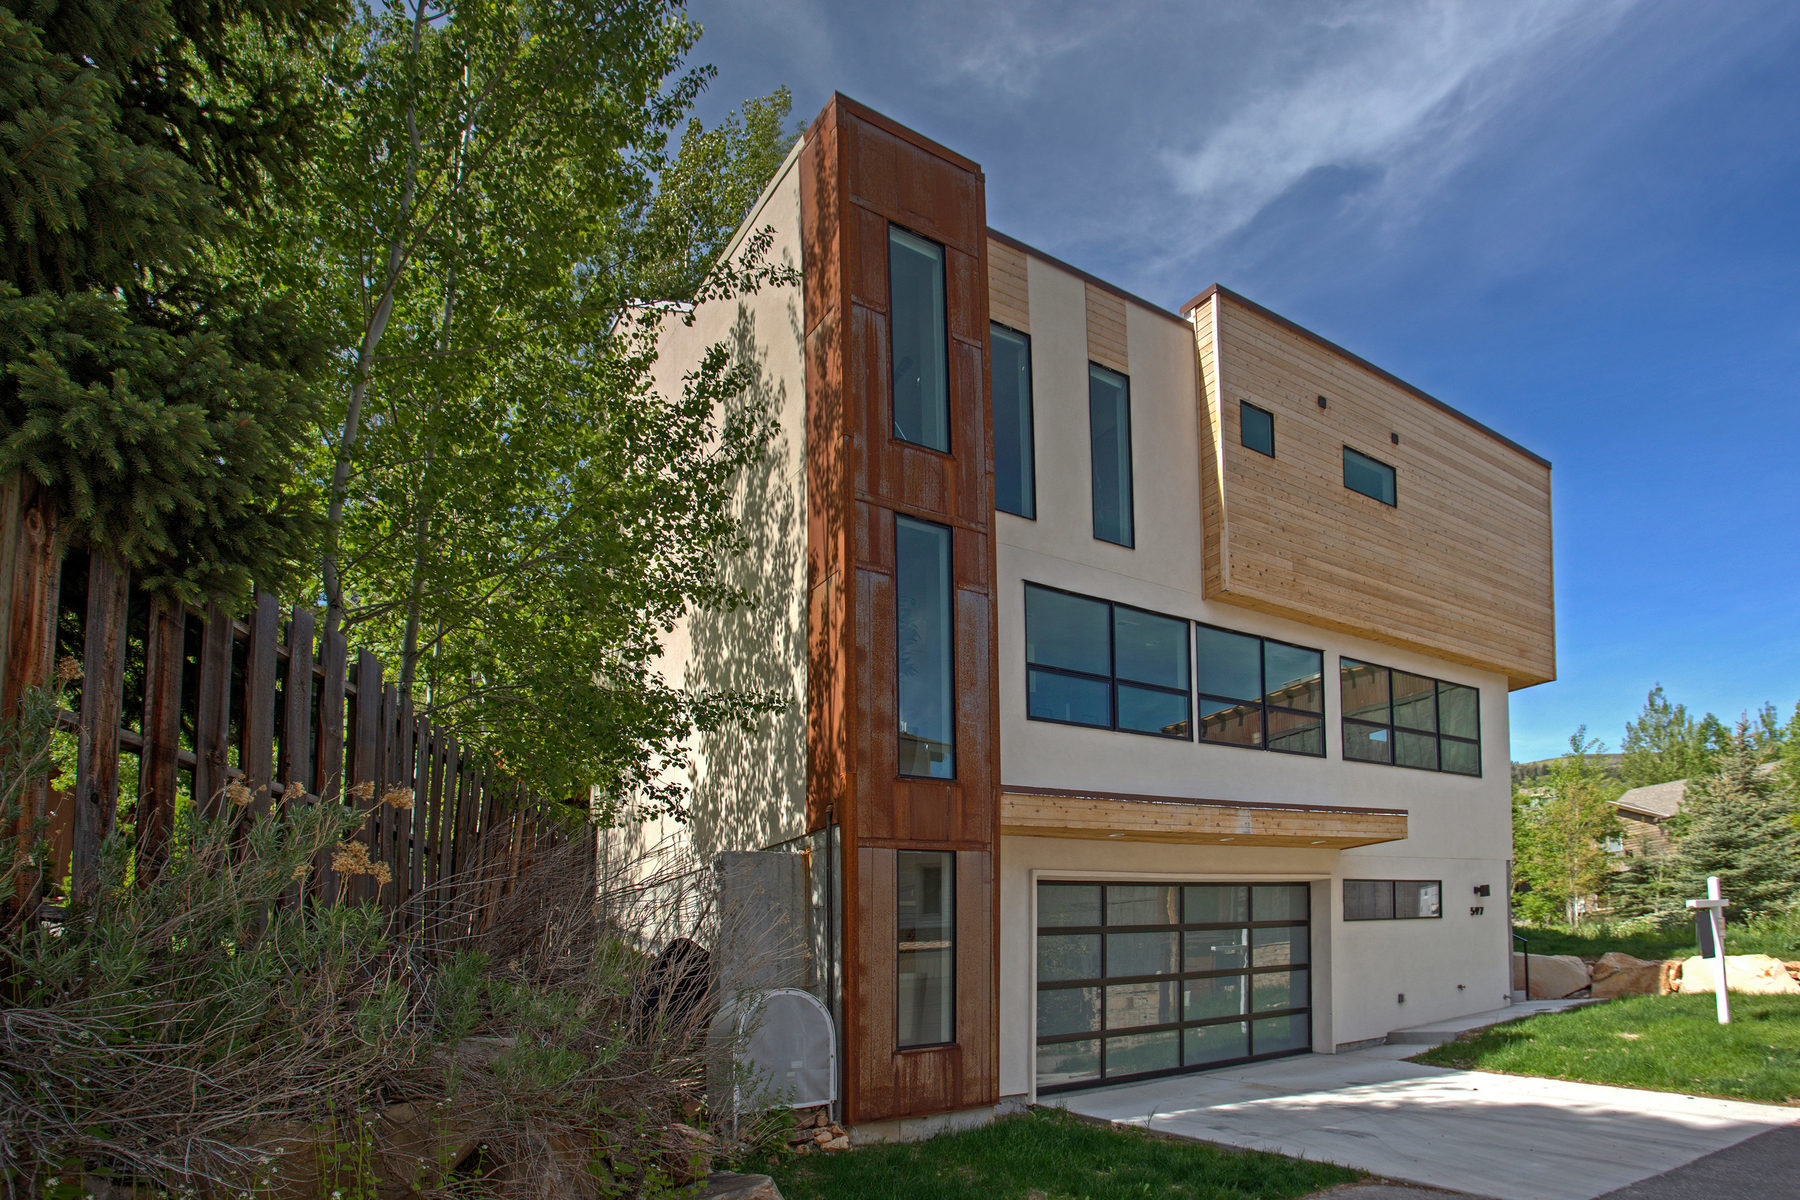 Moradia para Venda às Design Location Perfection 597 Deer Valley Lp Park City, Utah, 84060 Estados Unidos